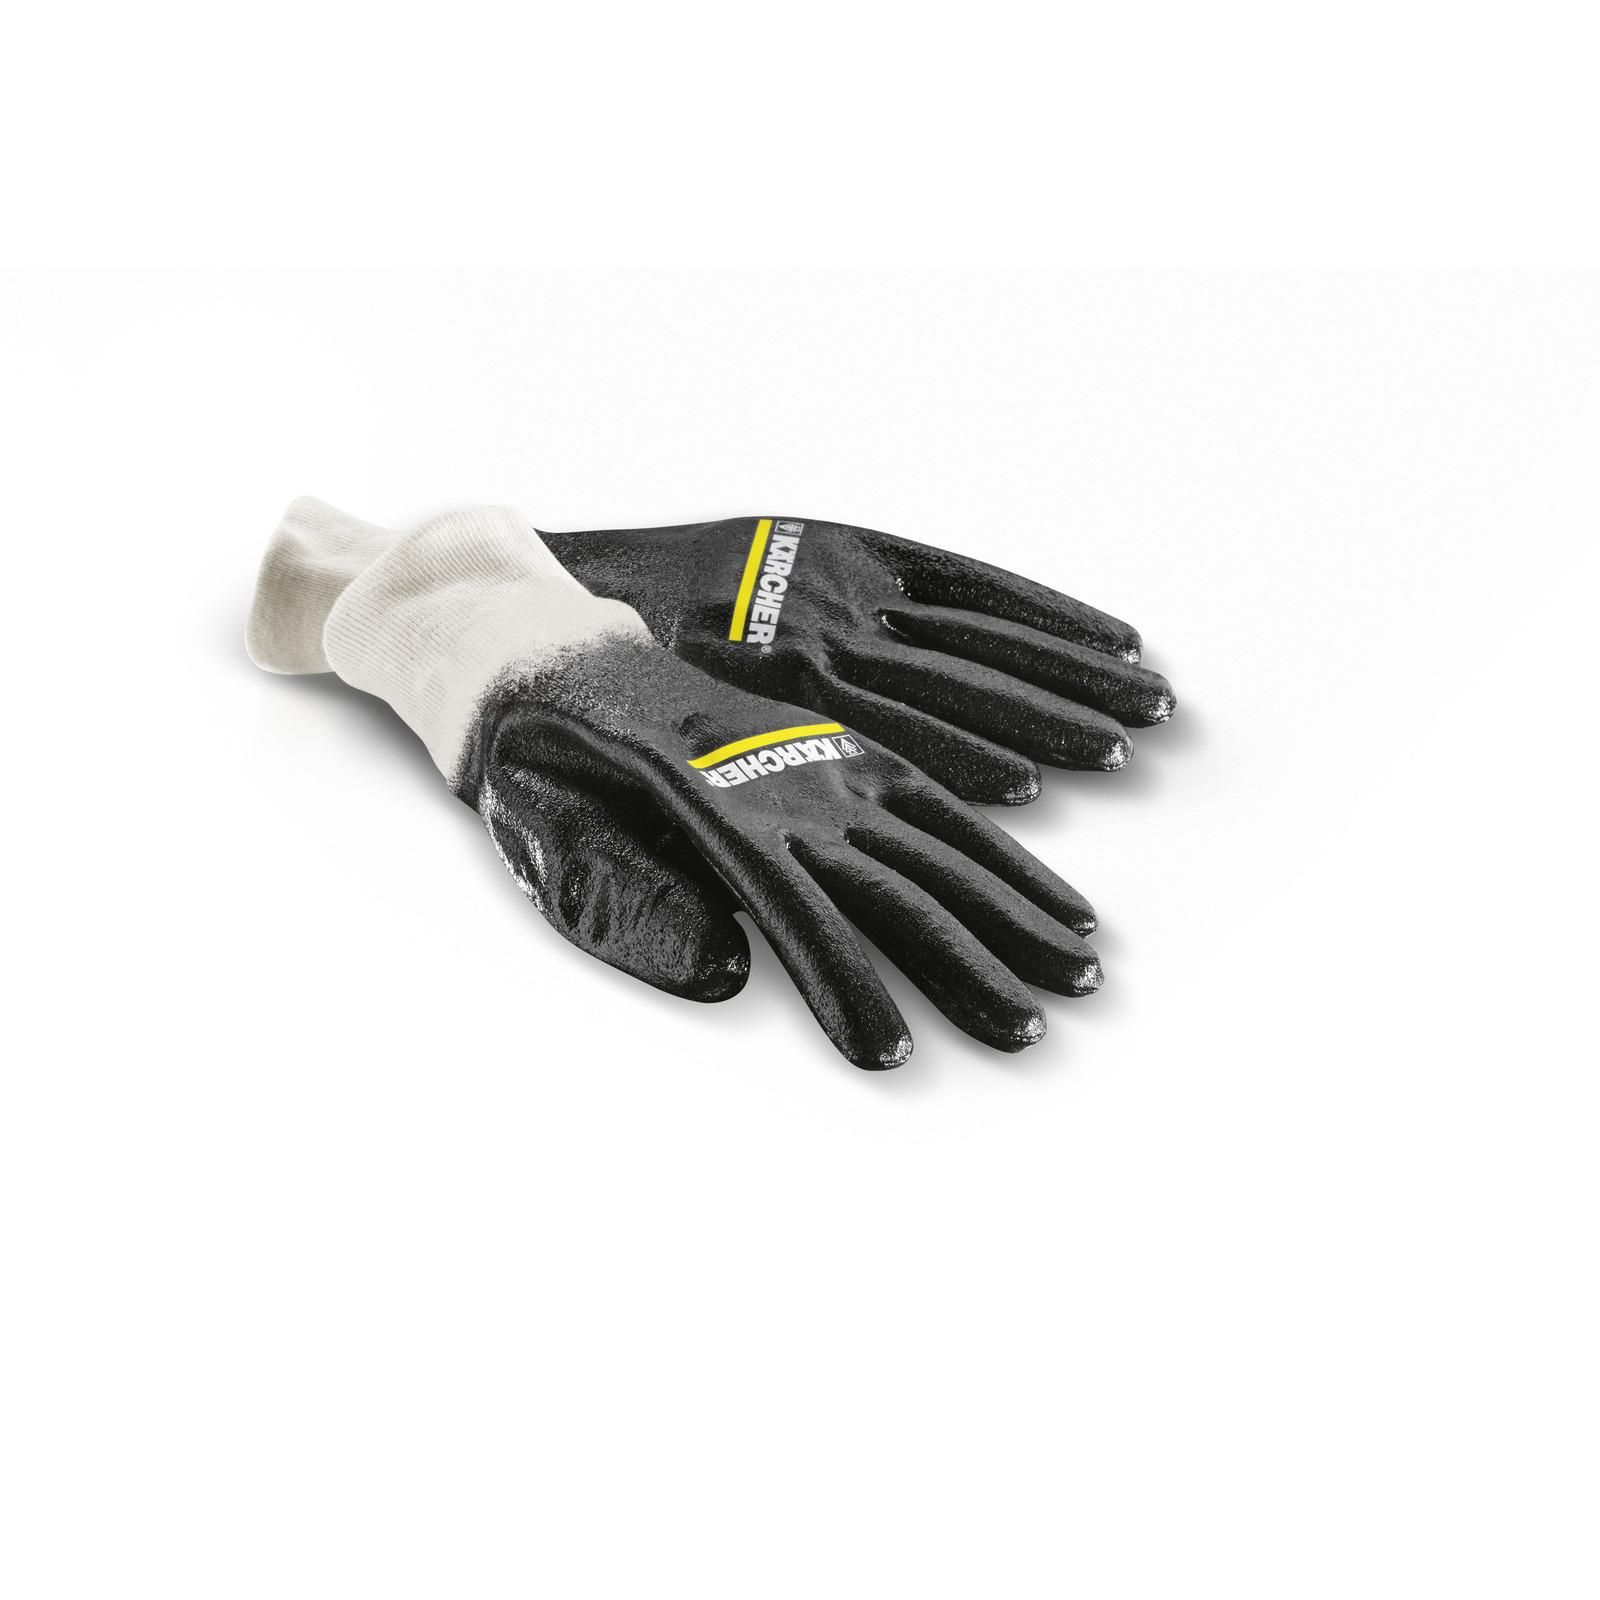 a0ee79d03617a Cette paire de gants professionnels offre une excellente ergonomie, un  confort et une liberté de mouvement.